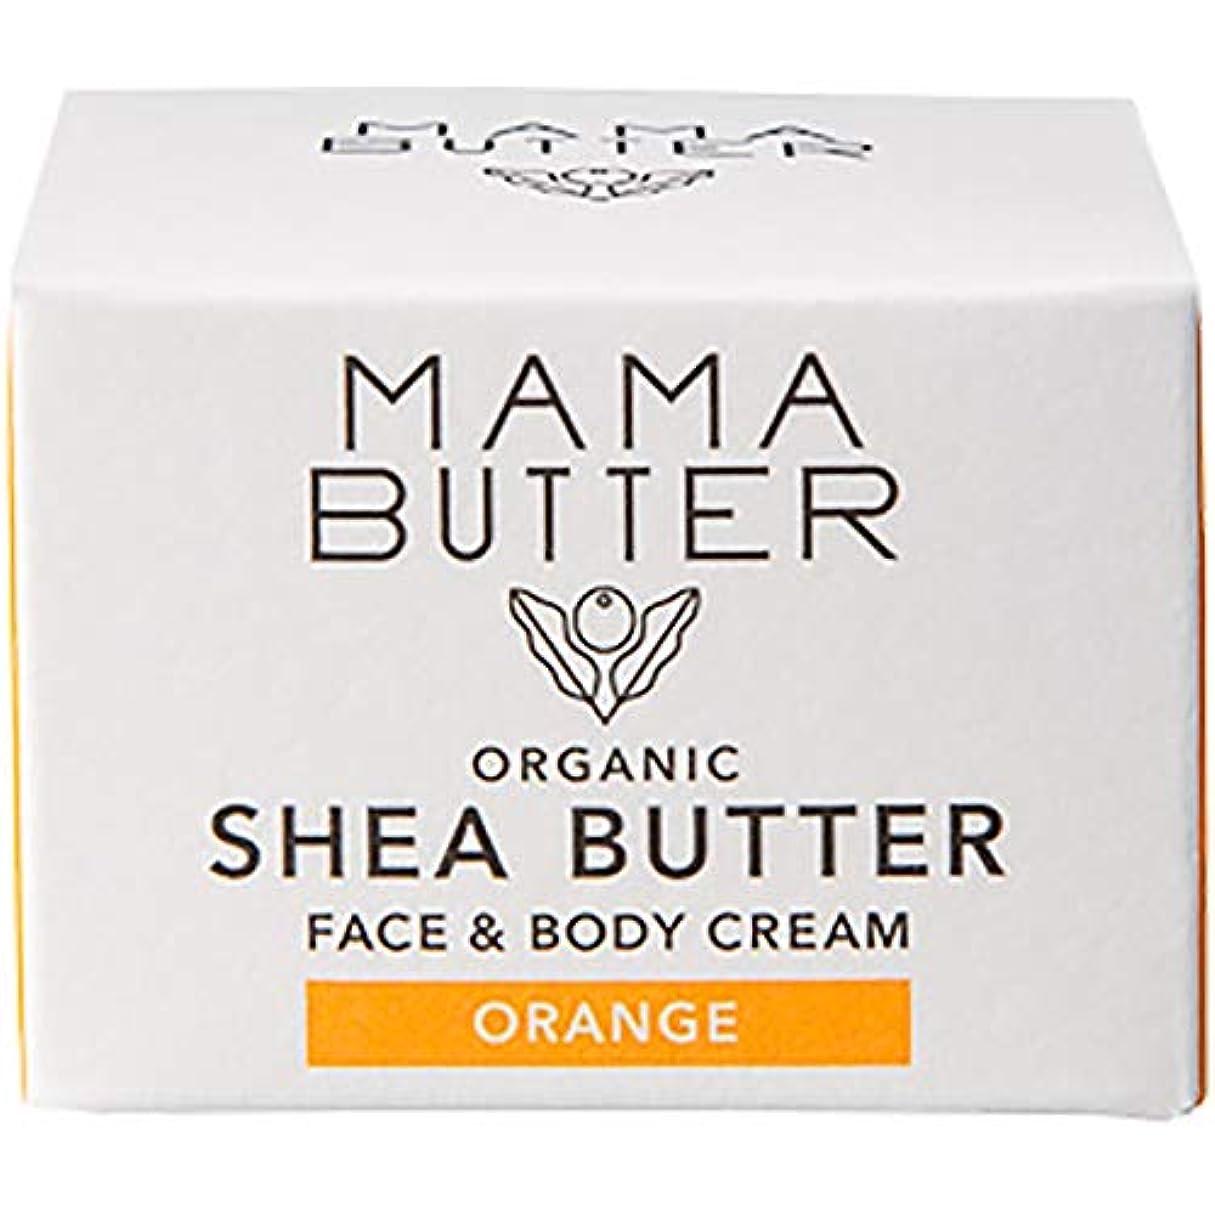 タイプライター添付警告MAMA BUTTER(ママバター) フェイス&ボディクリーム25g オレンジ